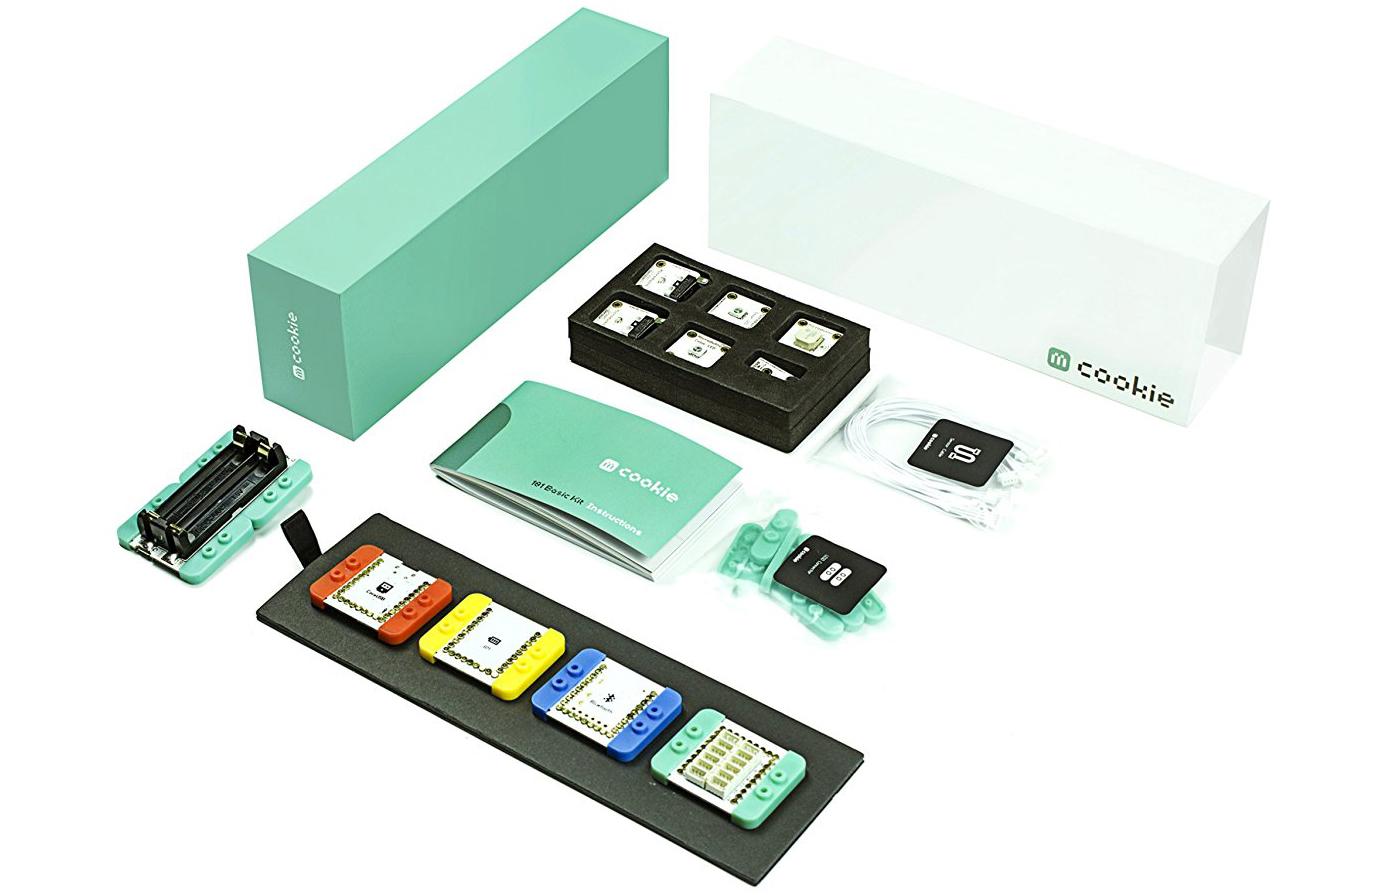 mCookie Arduino Kit